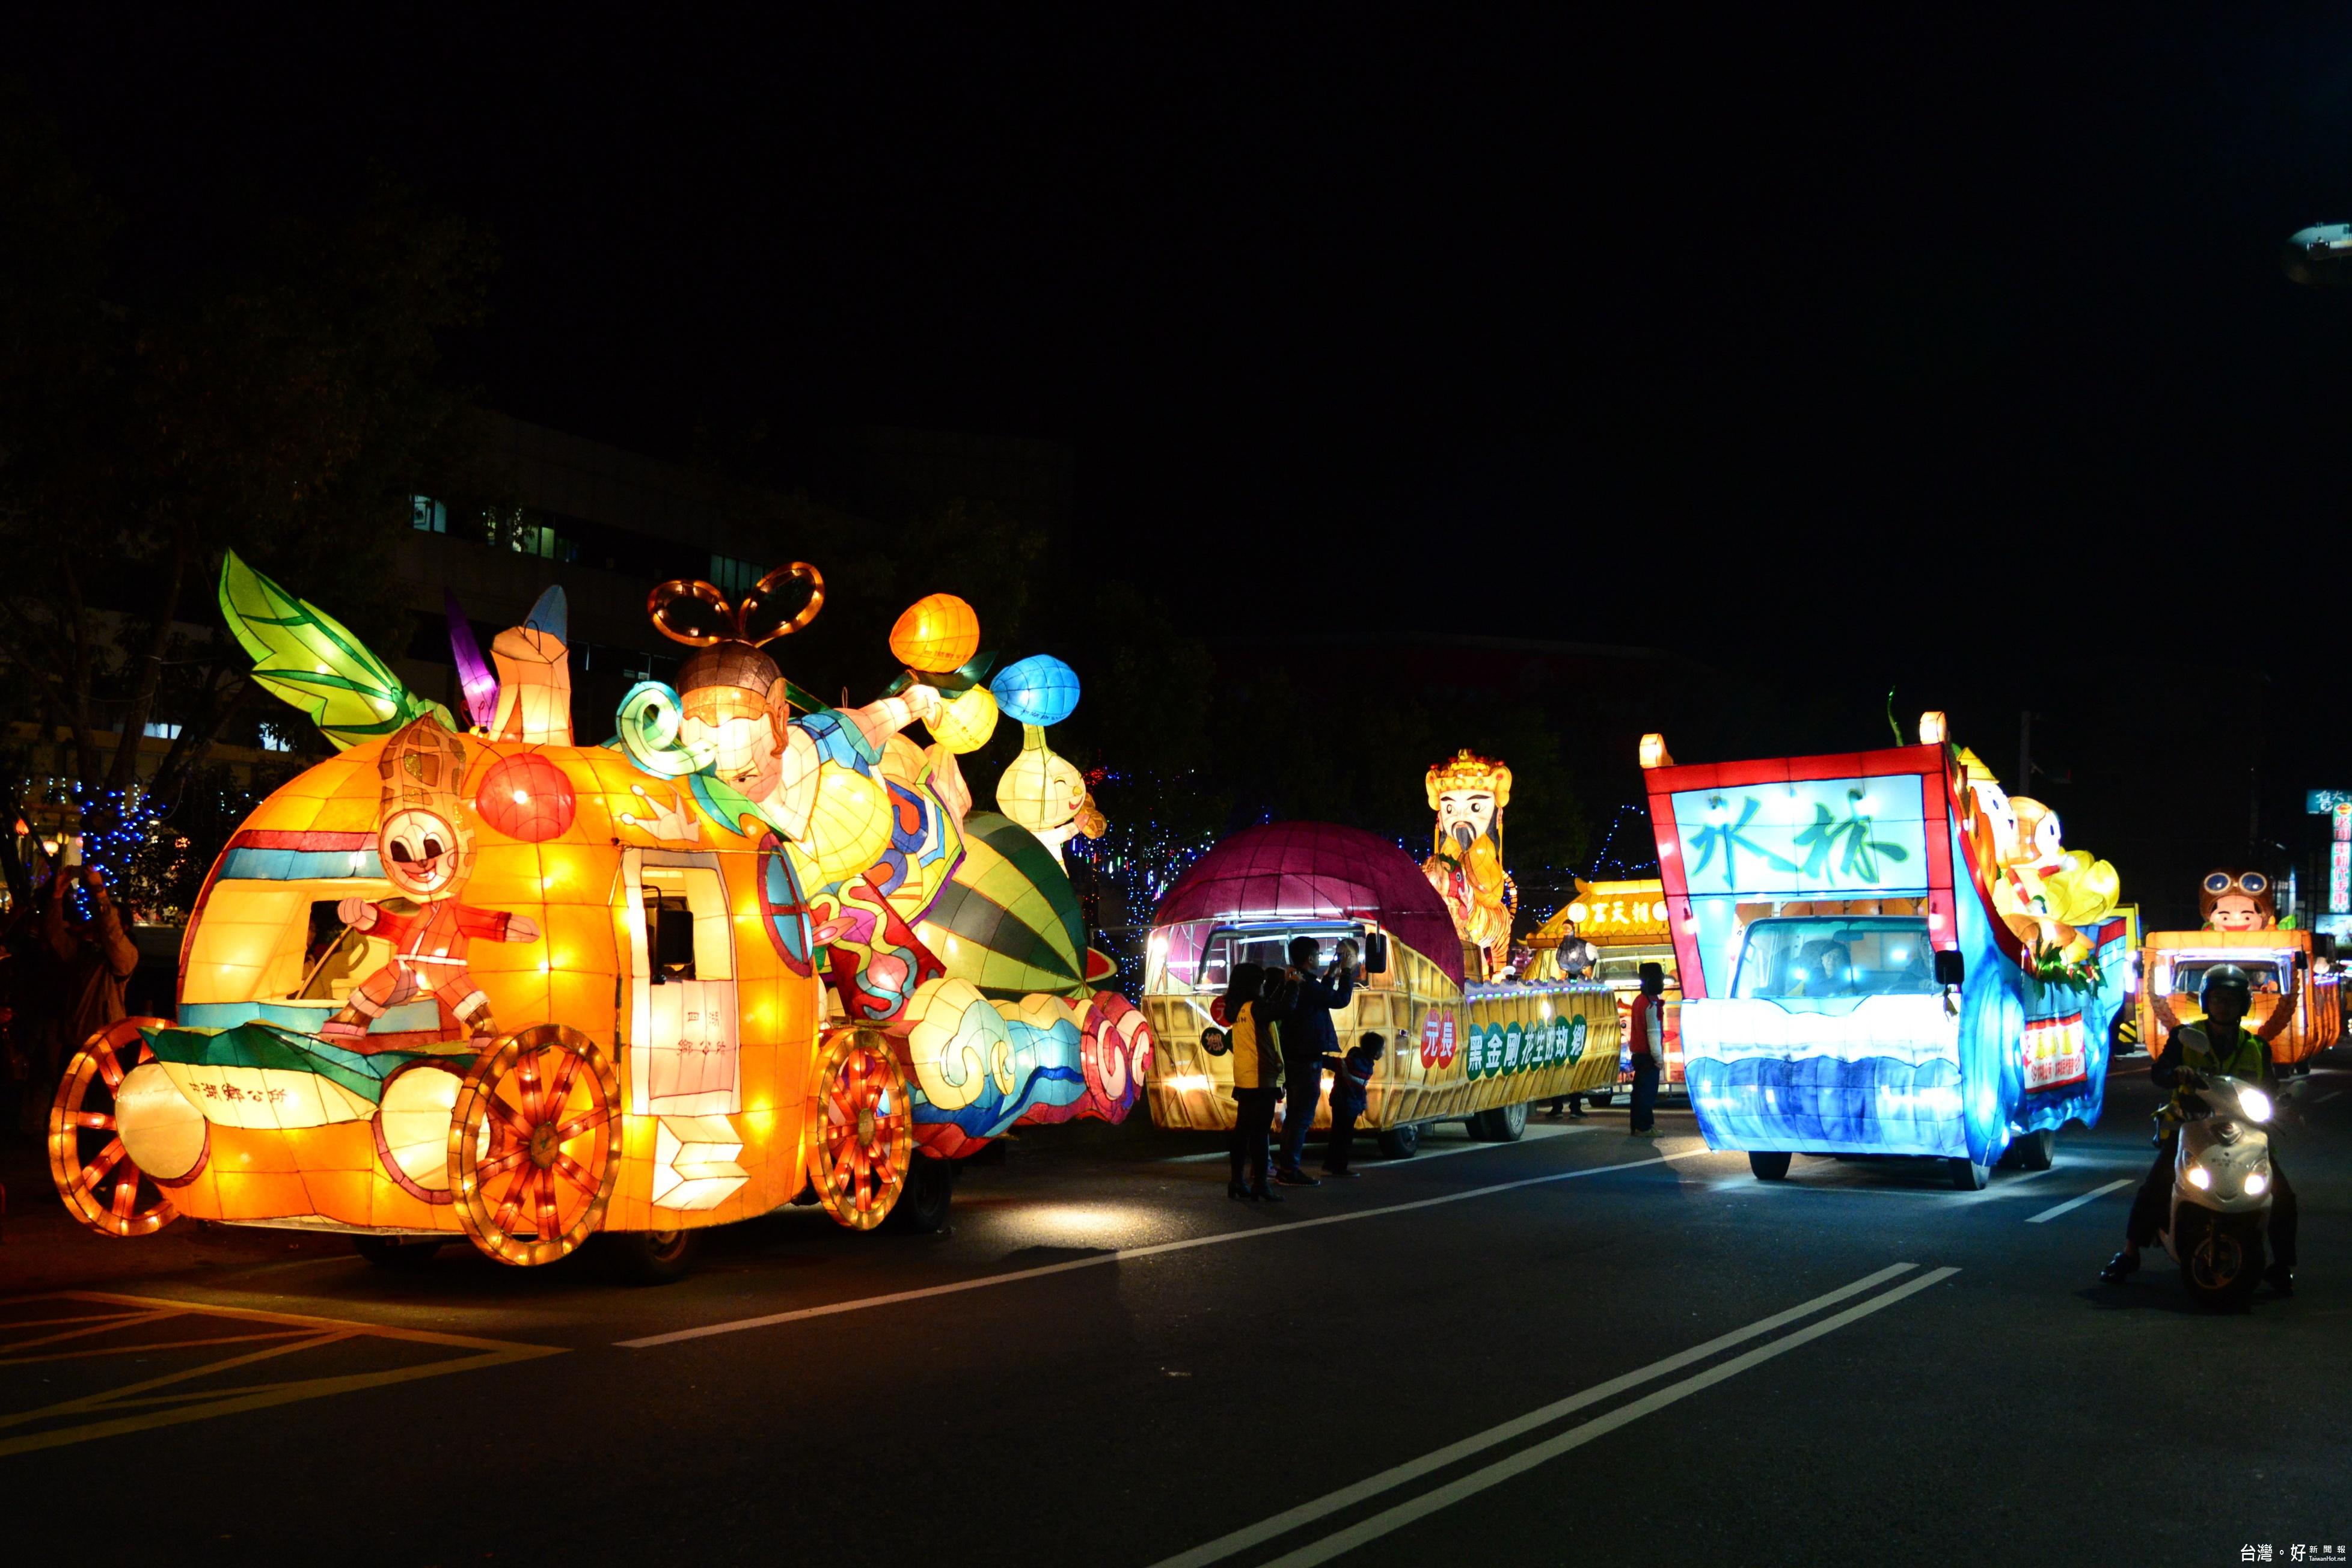 台灣燈會在雲林 台鐵、高鐵加班疏運